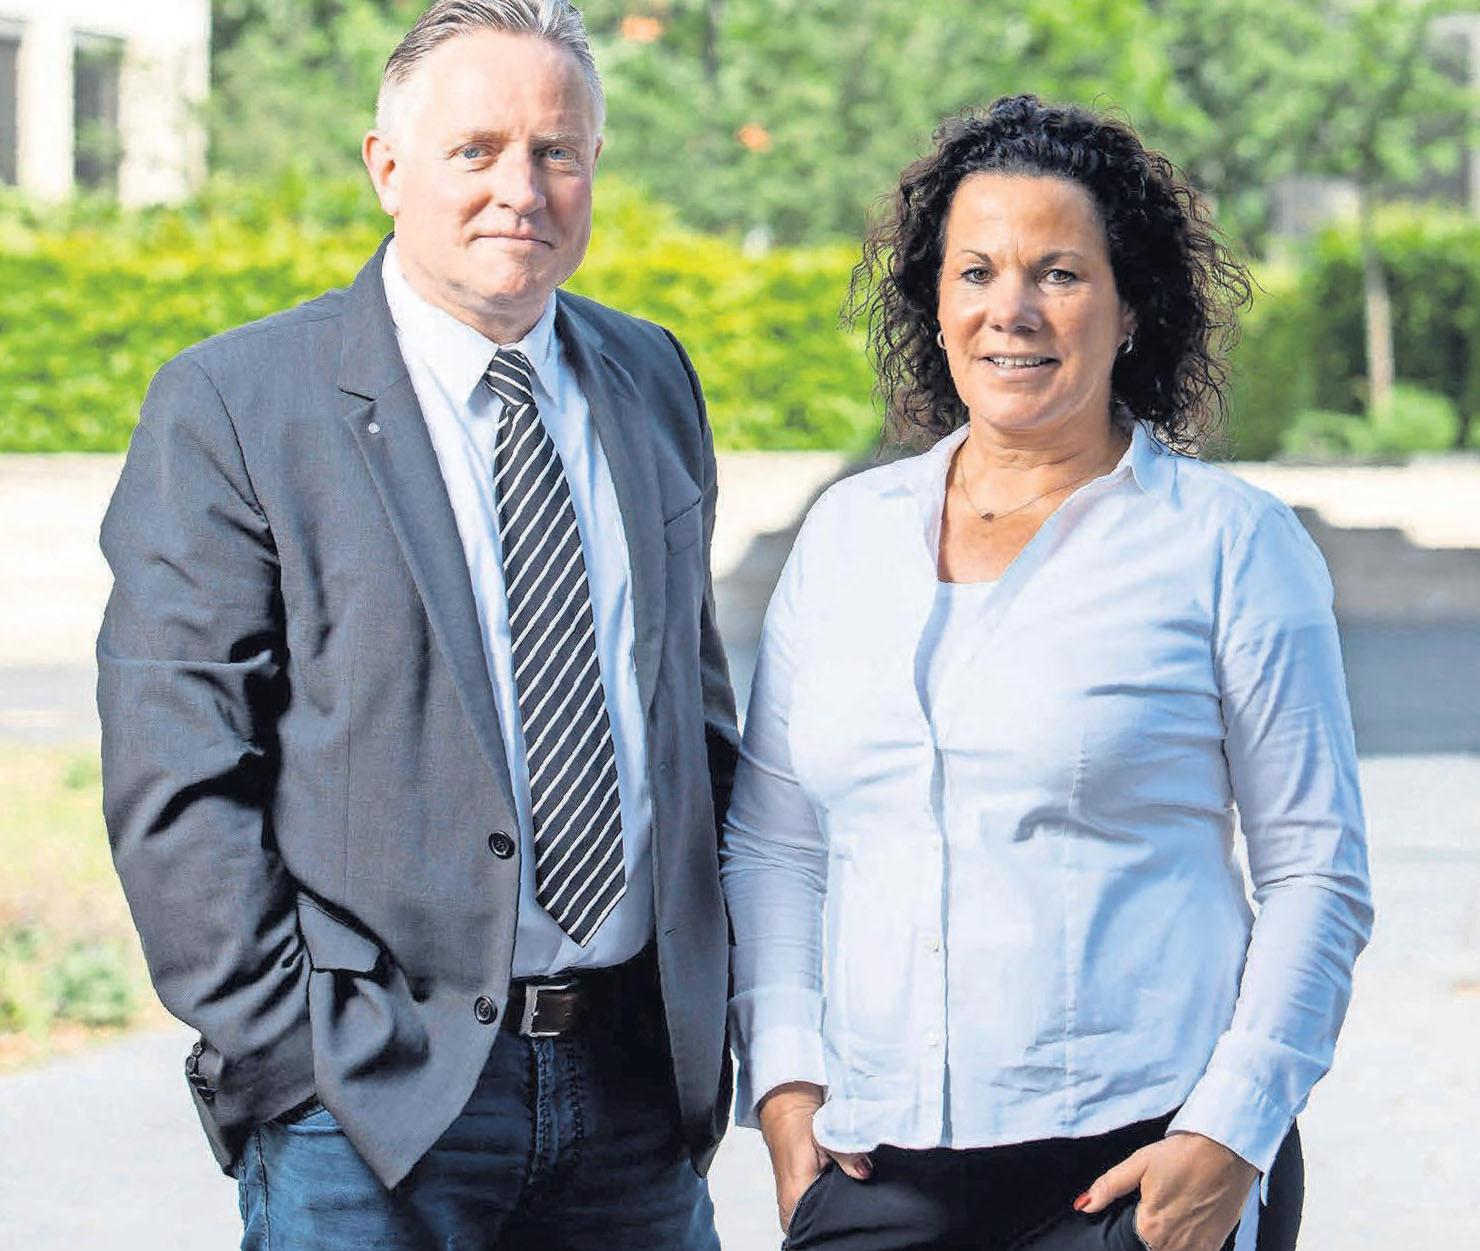 Anja Lentze und Torsten Jöcks führen erfolgreich ihr Bestattungsunternehmen.